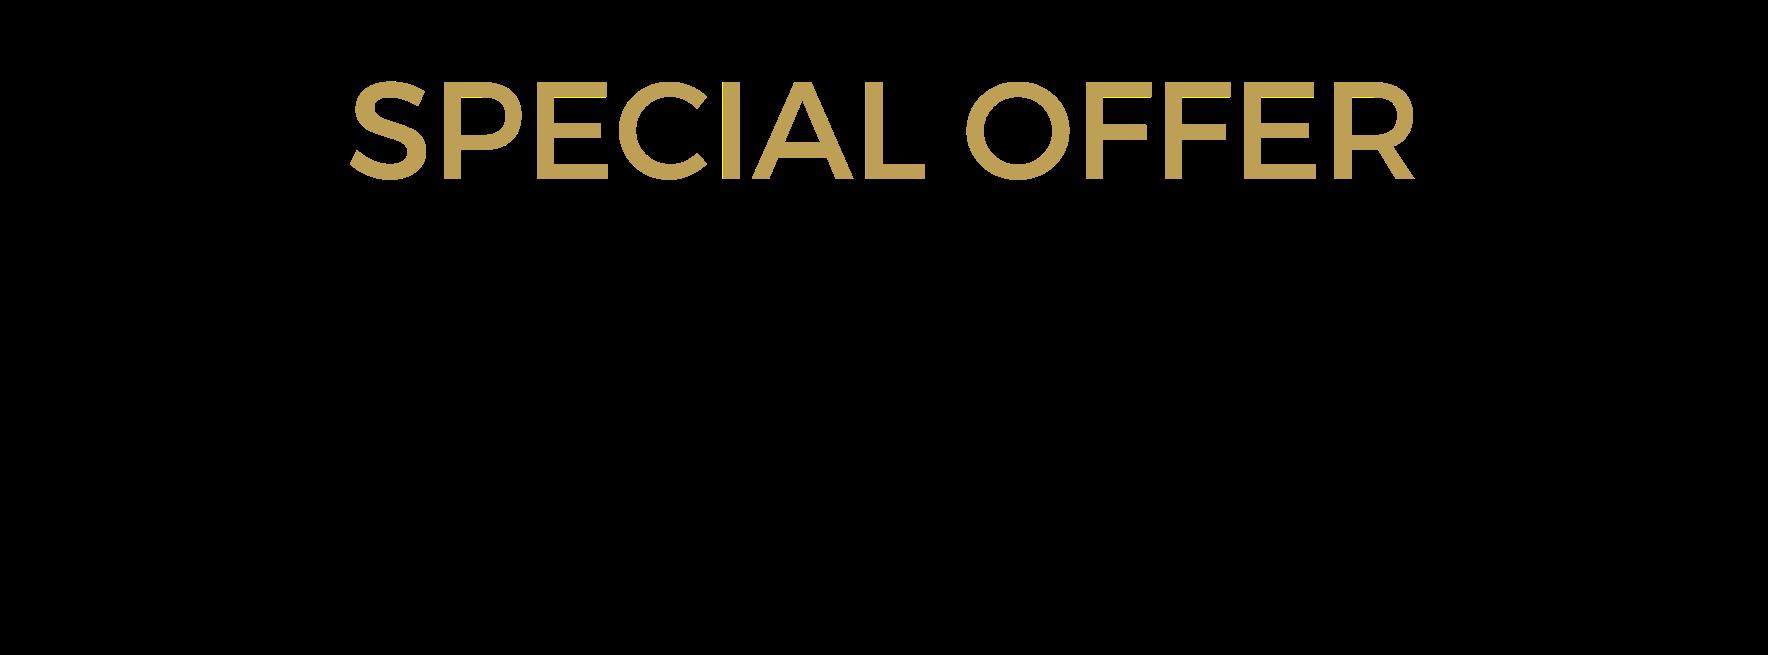 offre-speciale-confinement-titre-eng